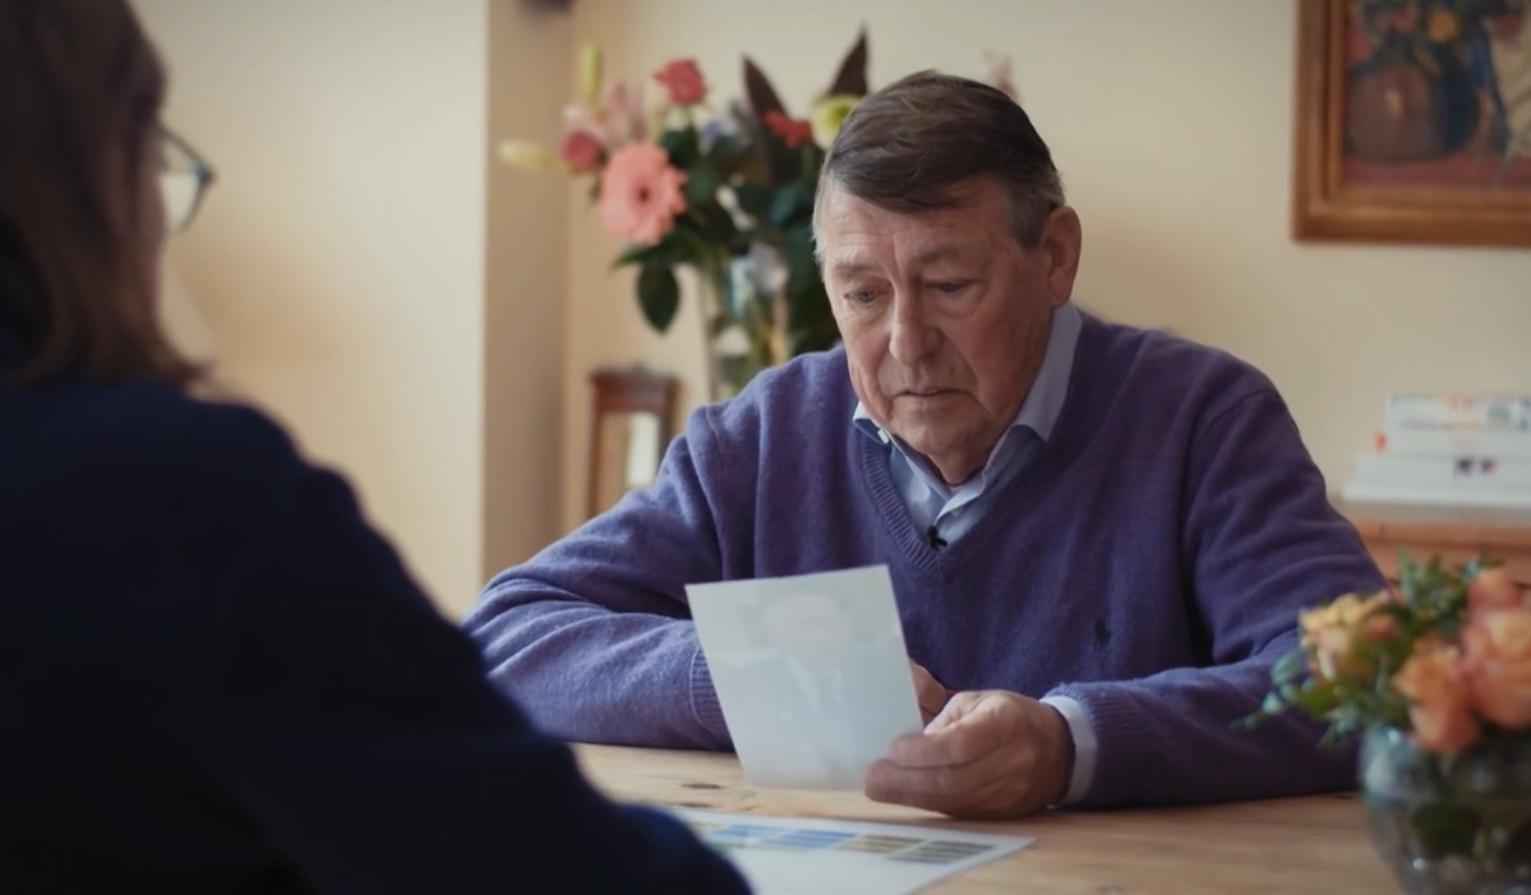 Na 75 jaar ontdekt oorlogskind Adri wie zijn vader is